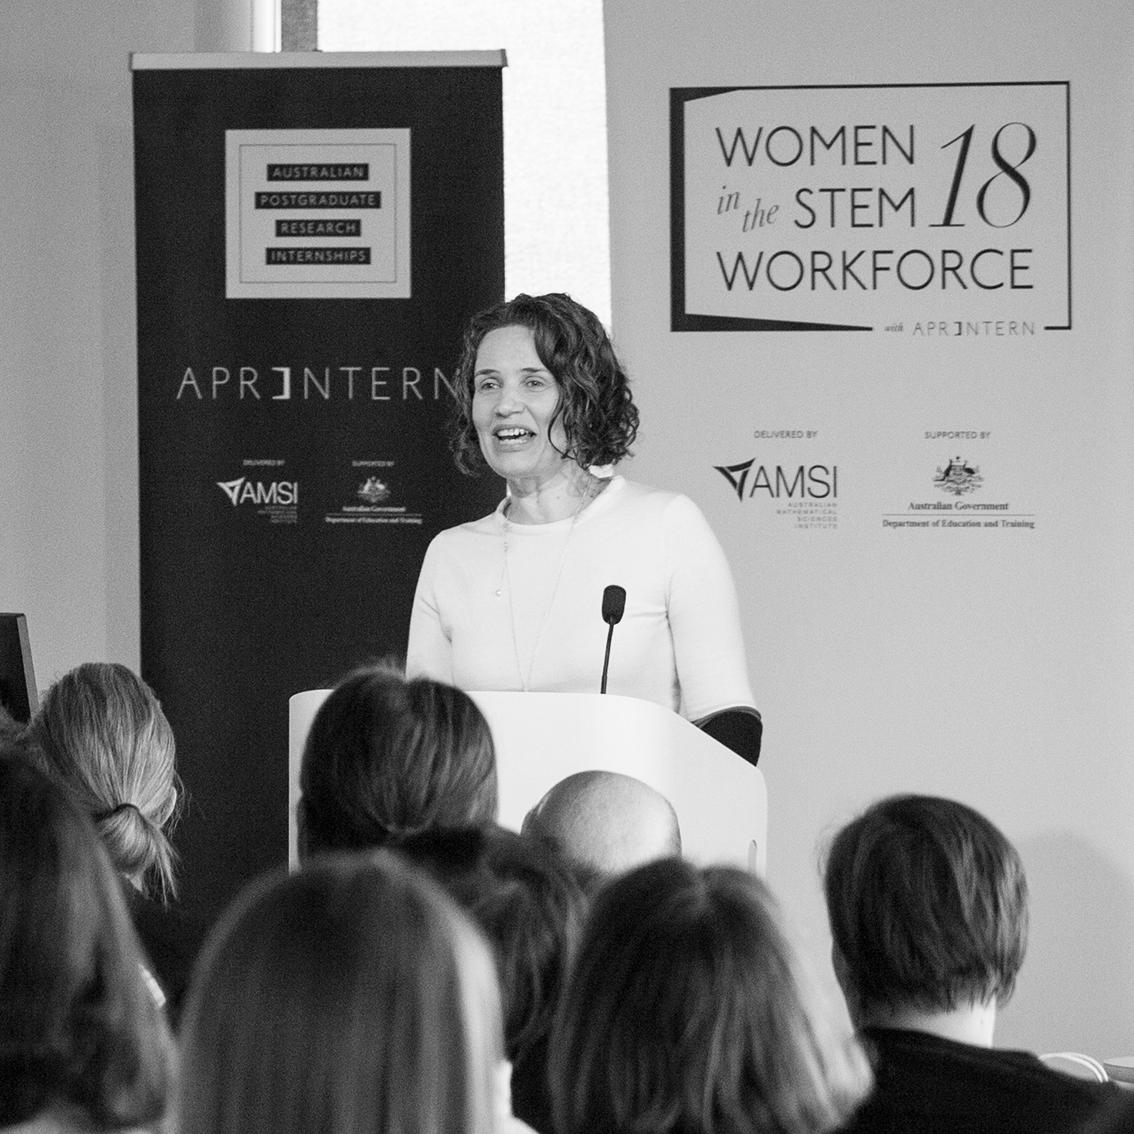 PAUSE NOT FULL STOP: FLEXIBILITY & SUPPORT KEY FOR STEM WOMEN